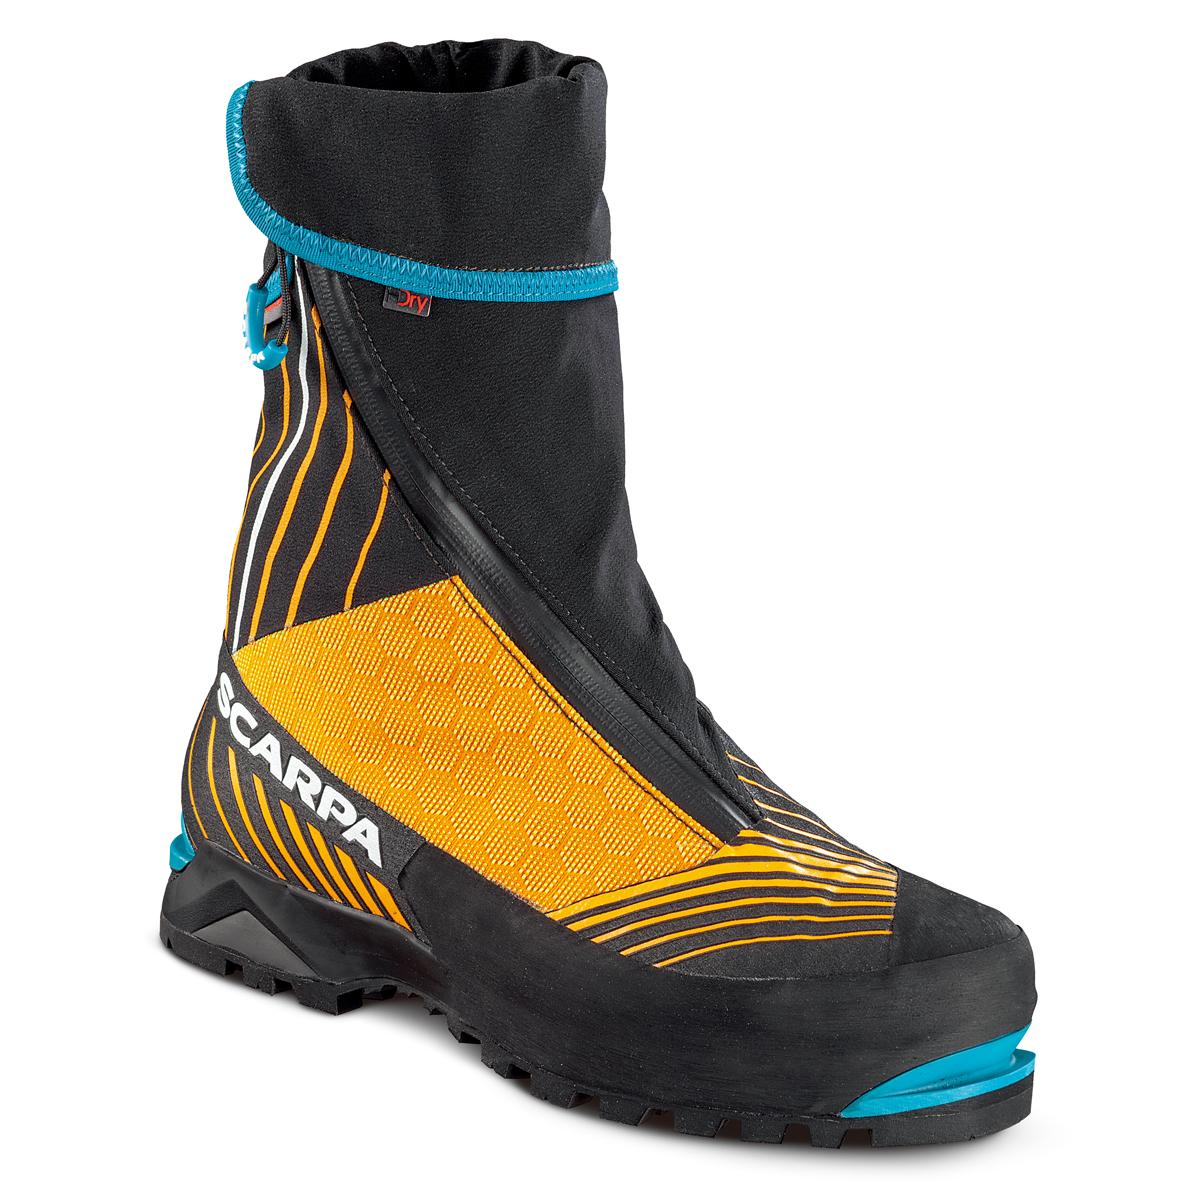 雪山用登山靴【SCARPA スカルパ ファントムテック】SC23127001380 送料無料